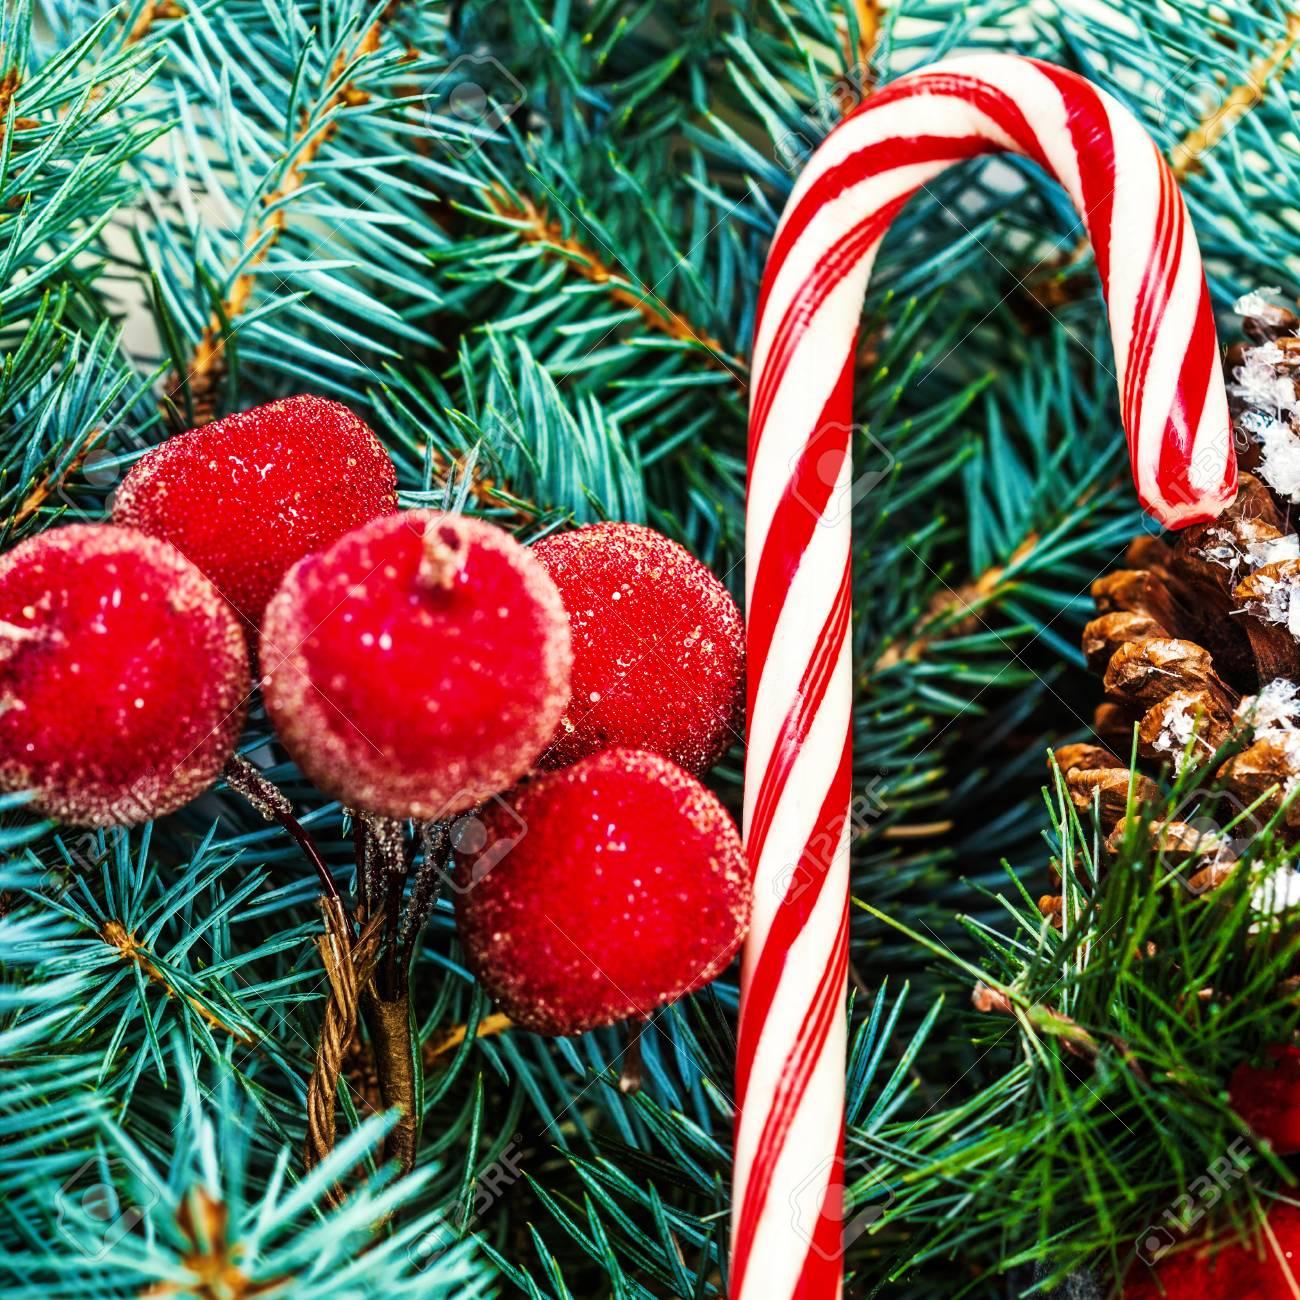 クリスマス ツリー 昔ながら